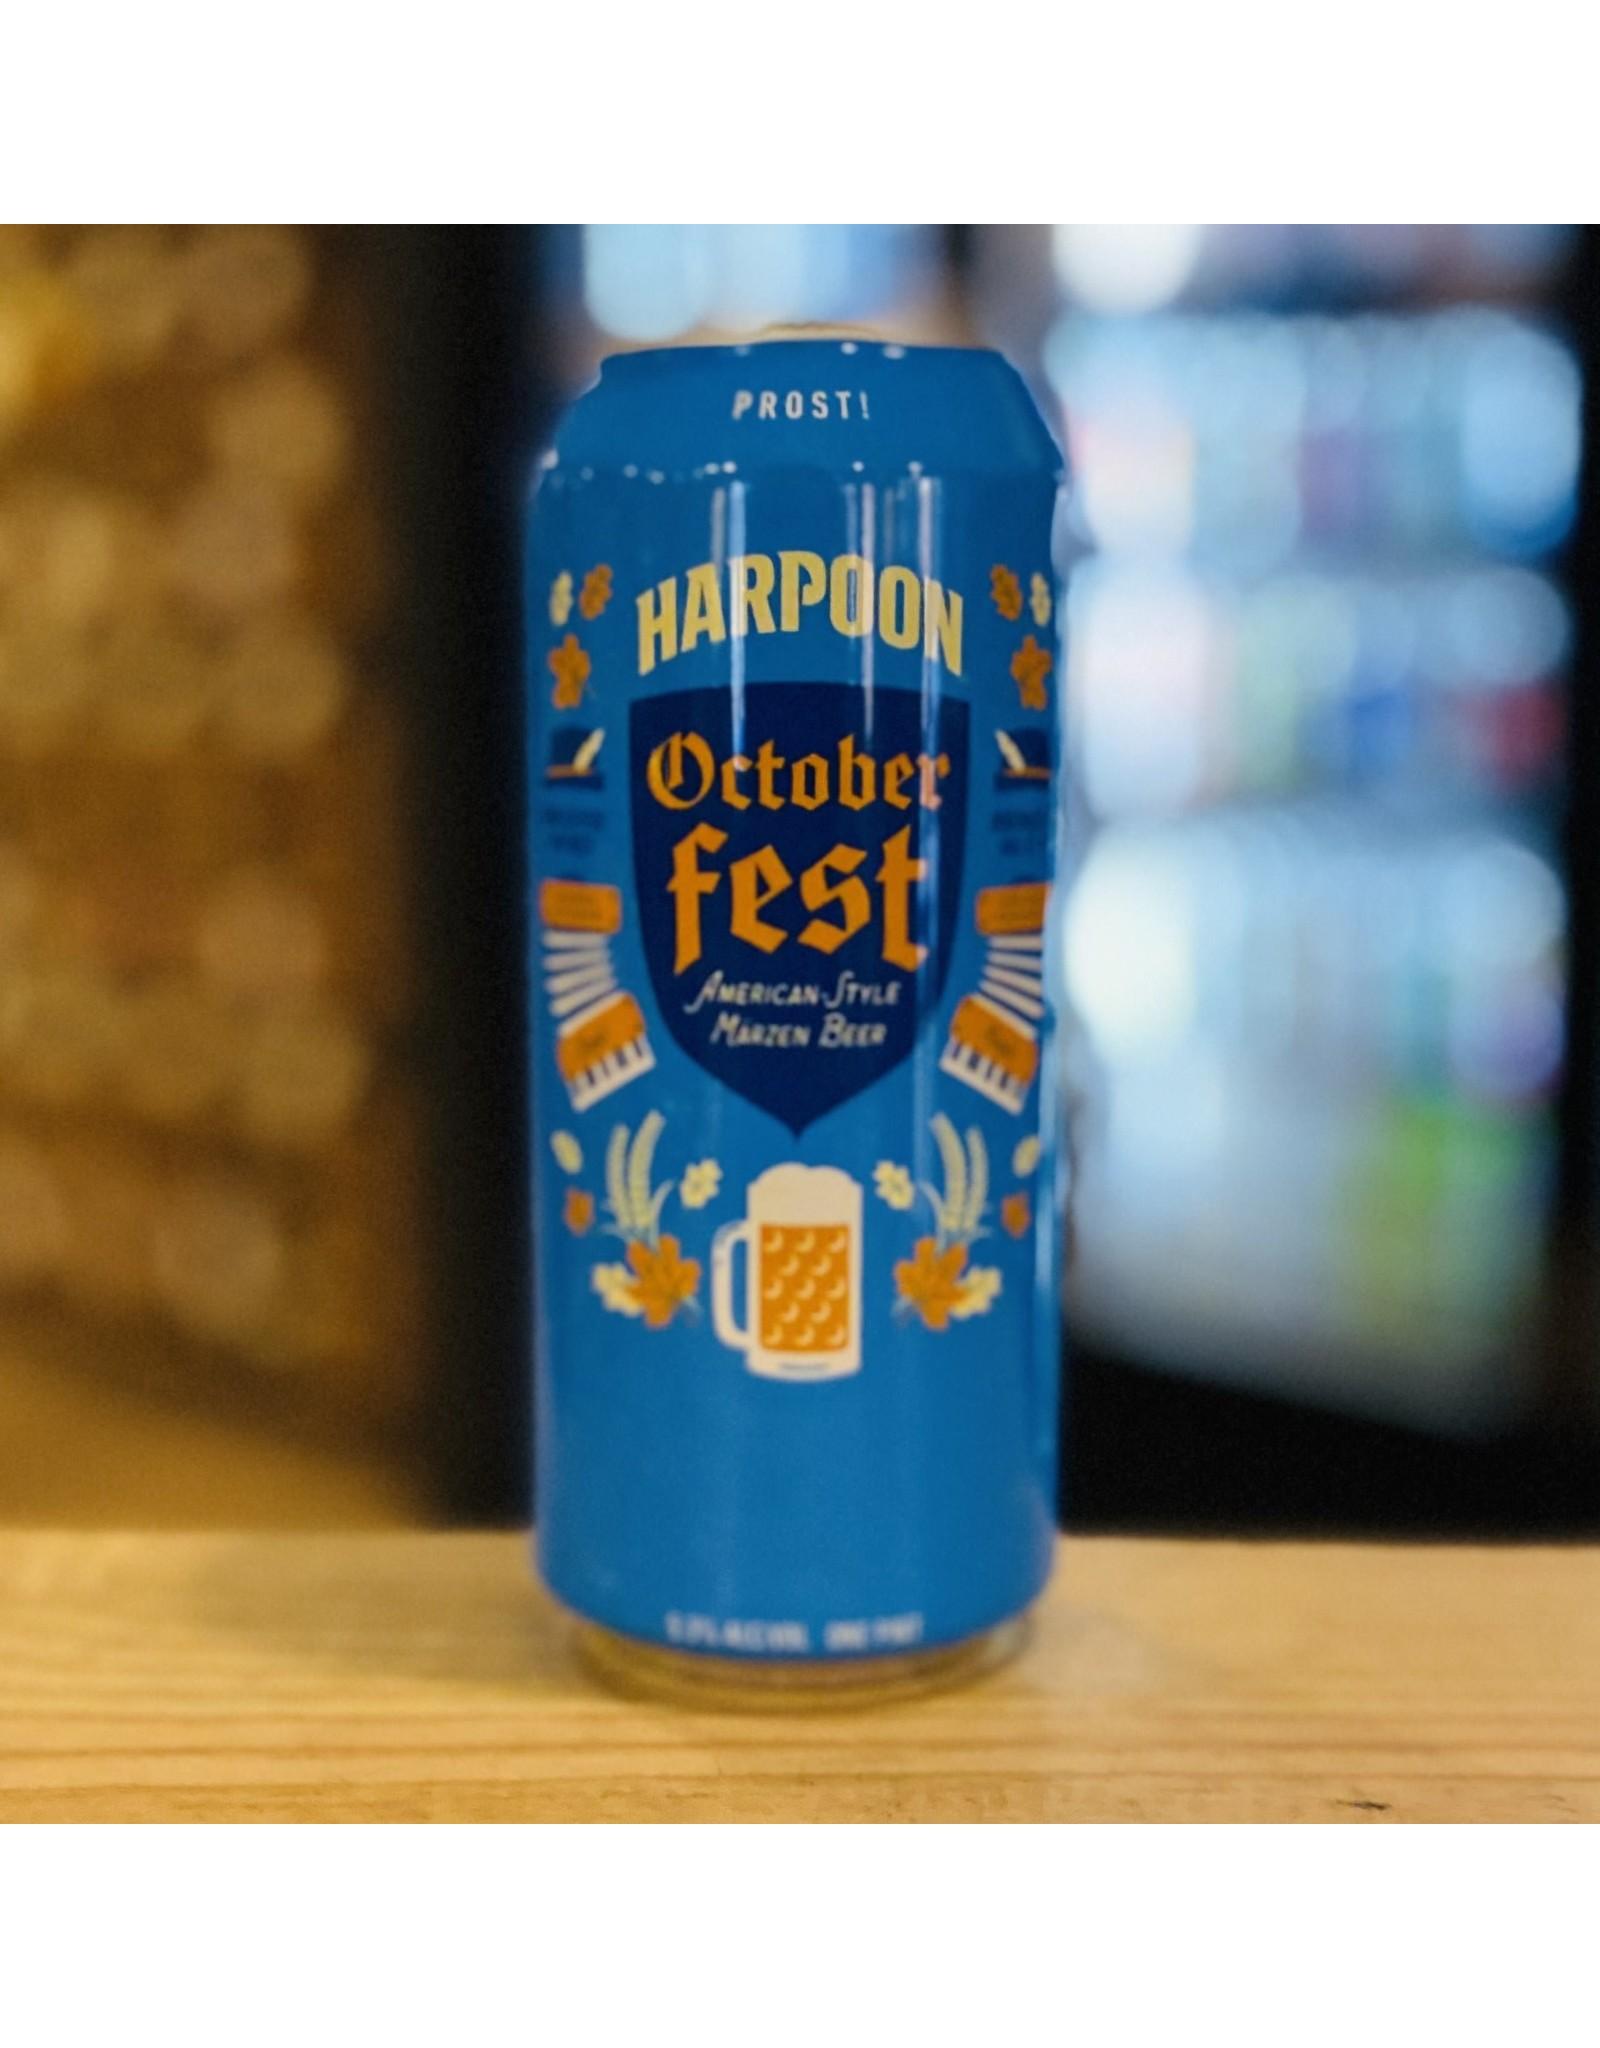 """Seasonal Harpoon """"Octoberfest"""" American Style Marzen Beer - Boston, MA"""